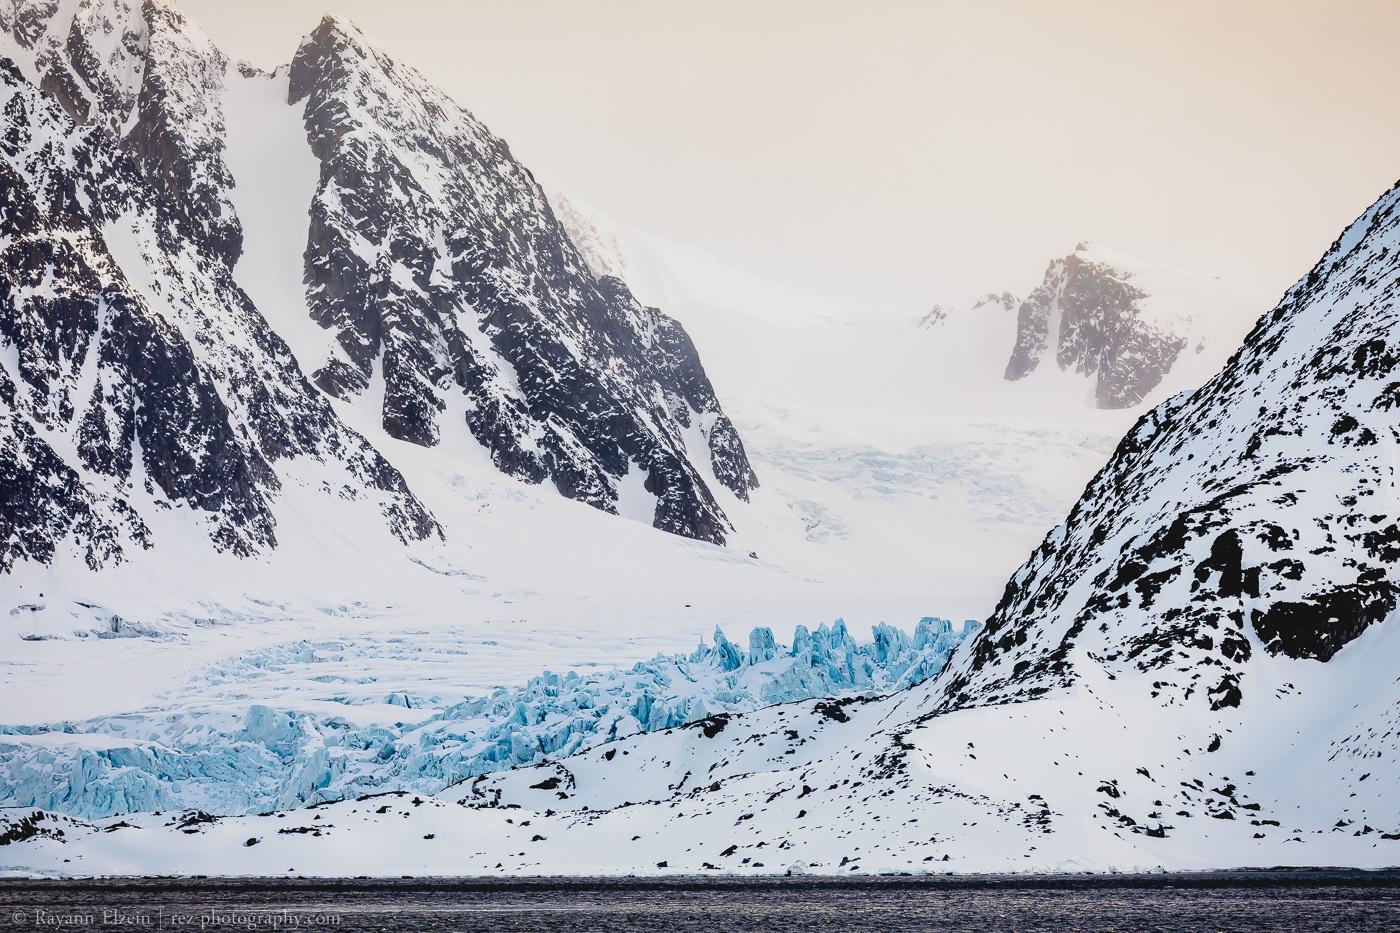 Blue glacier in Svalbard by Rayann Elzein